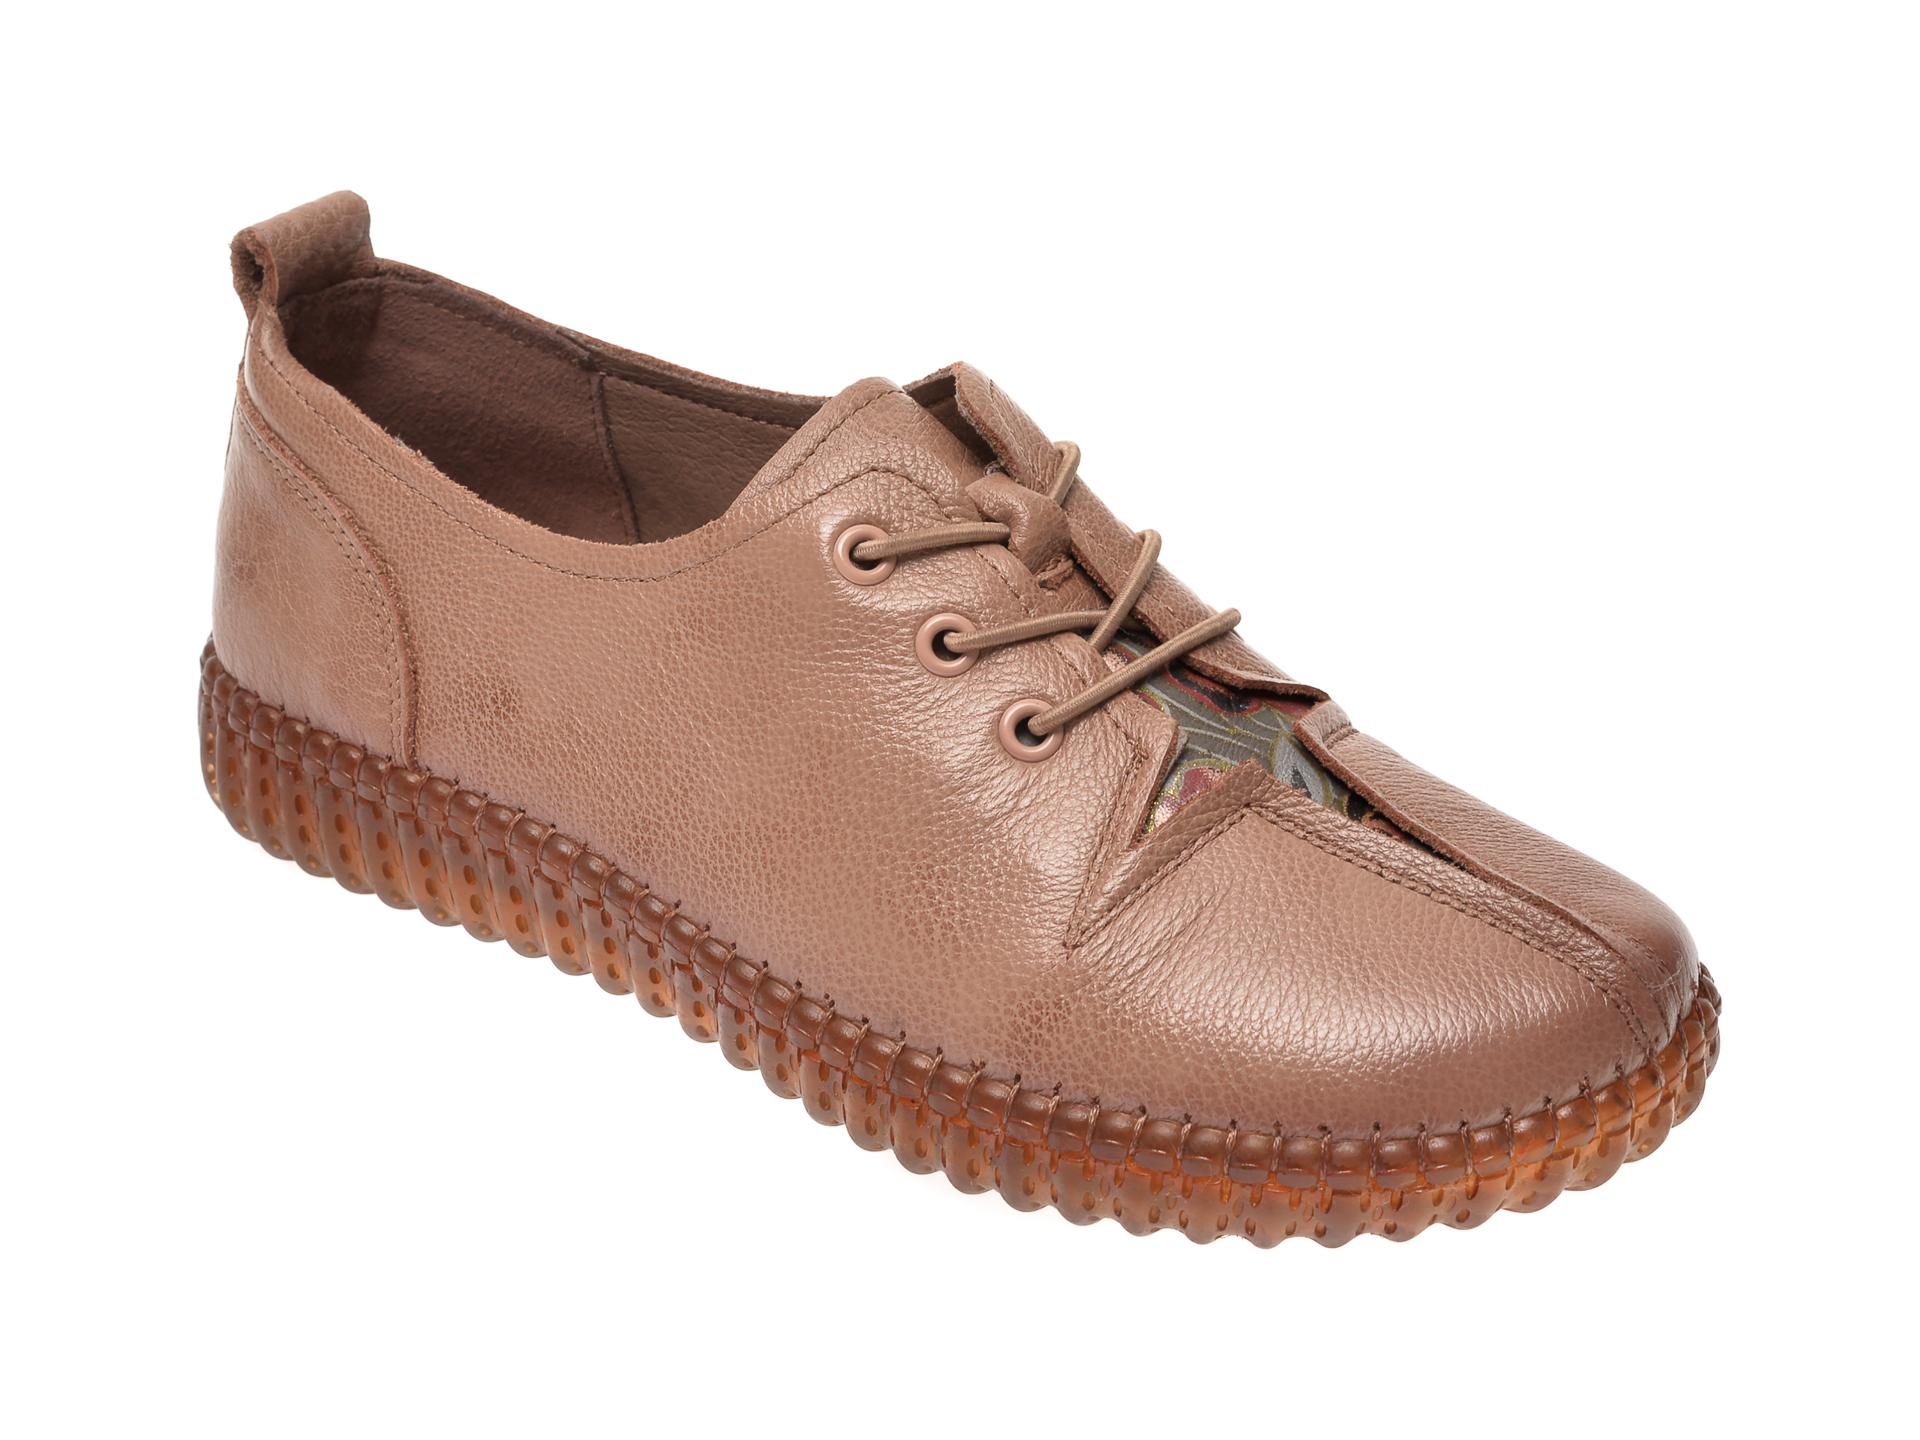 Pantofi FLAVIA PASSINI nude, D6011, din piele naturala imagine